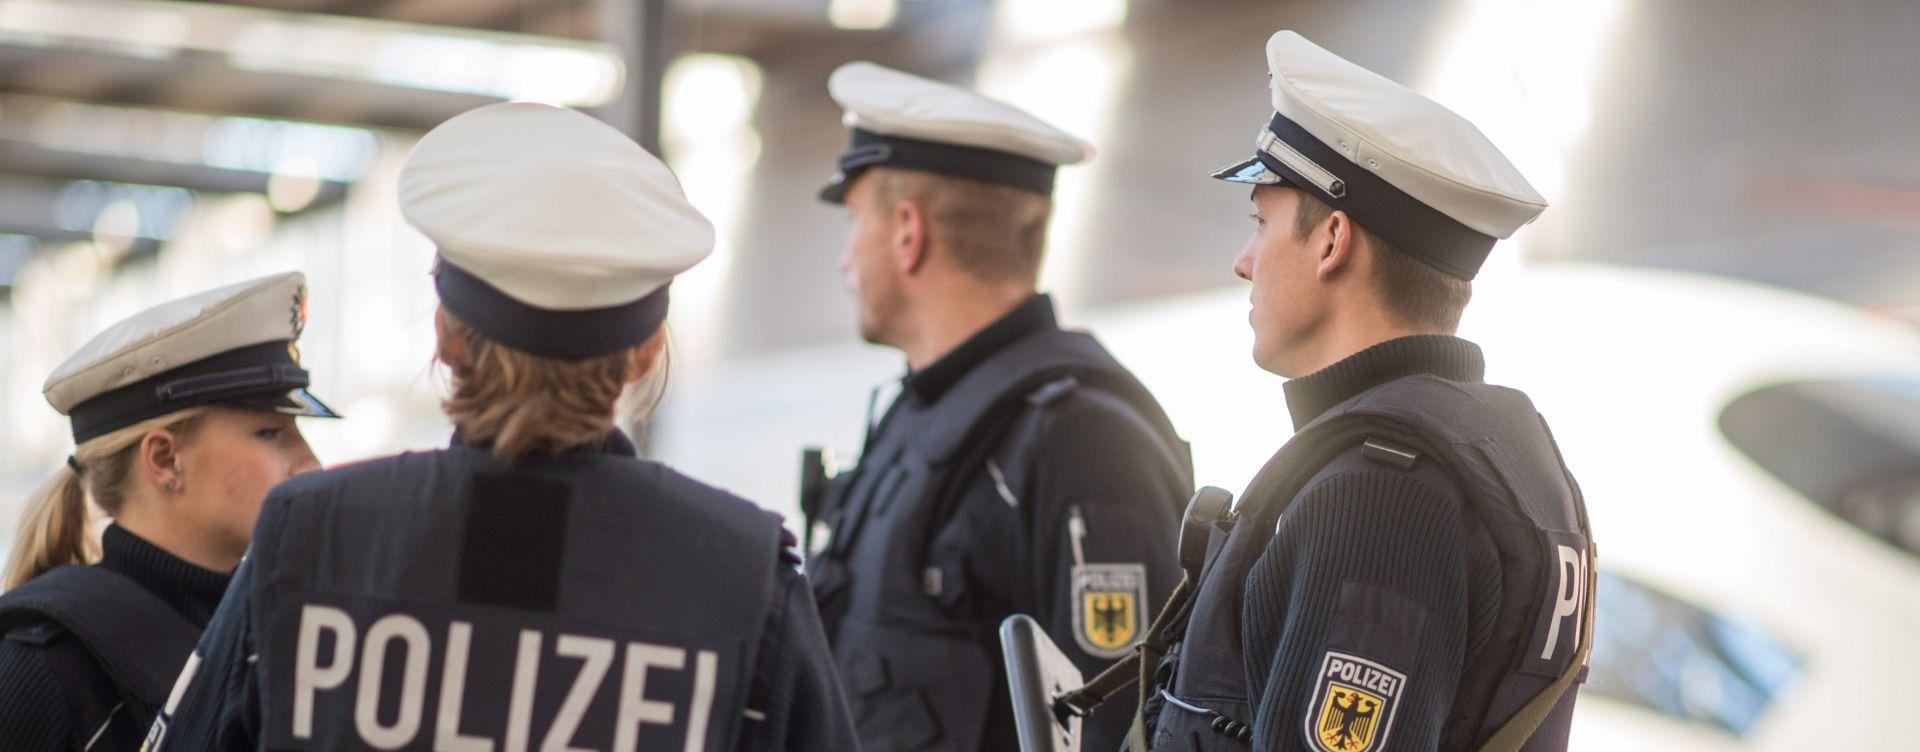 U Njemačkoj uhićen muškarac osumnjičen za planiranje napada